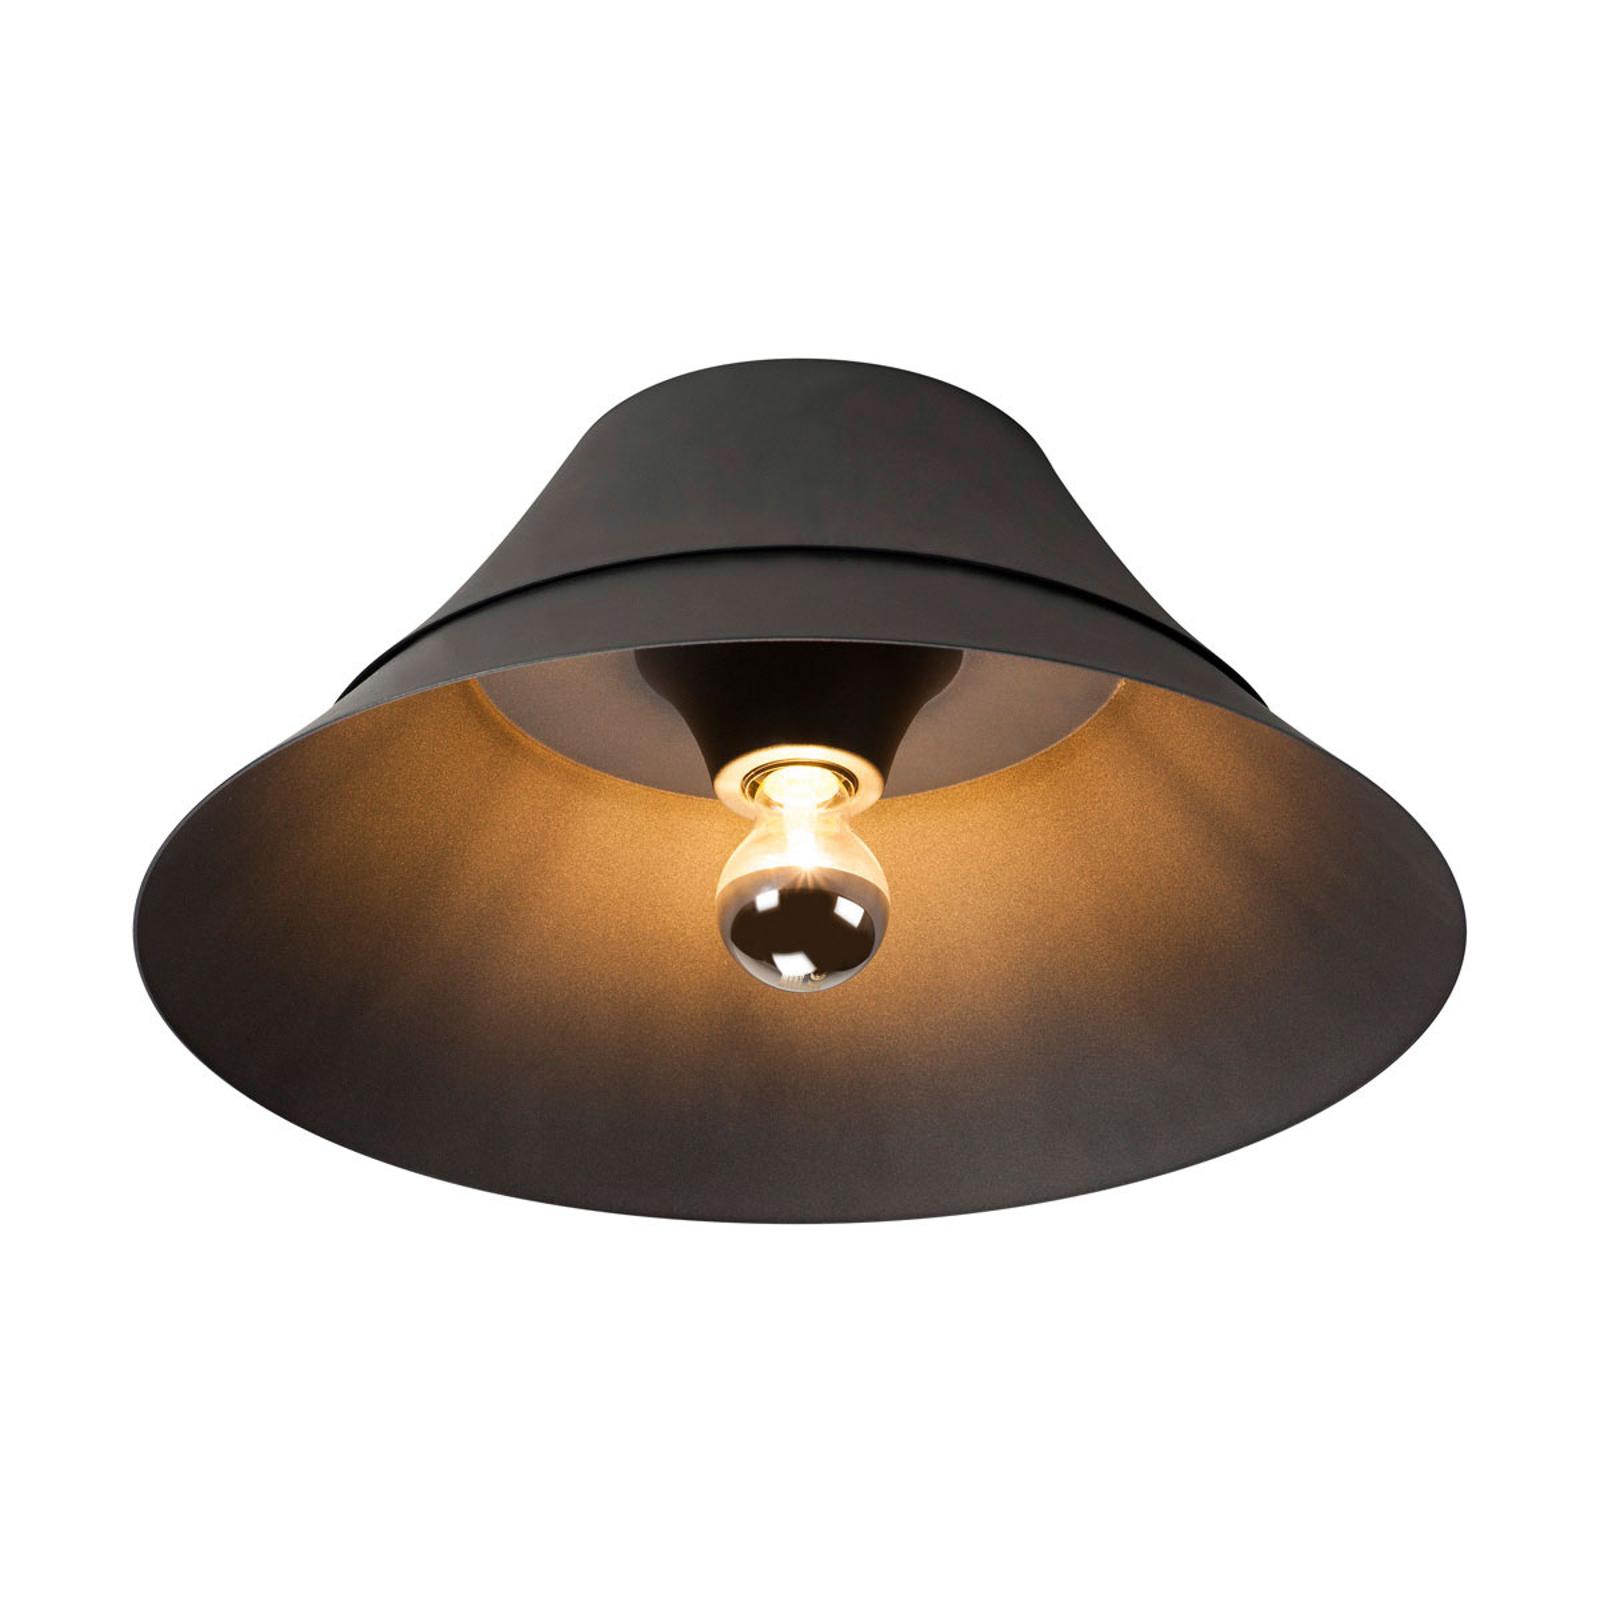 SLV Bato 45 taklampe E27, svart